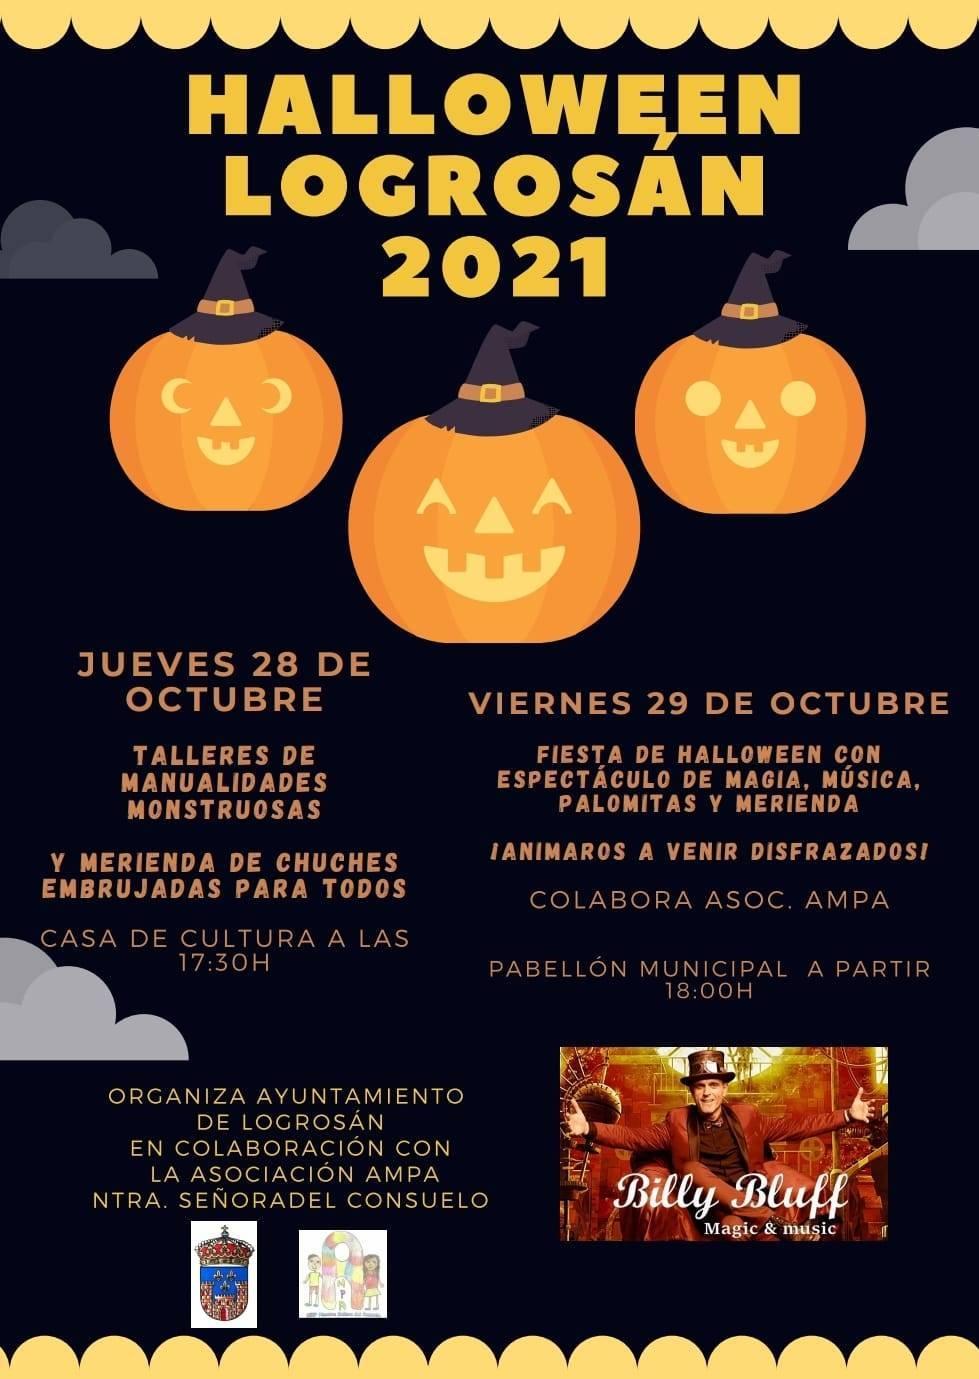 Halloween (2021) - Logrosán (Cáceres)